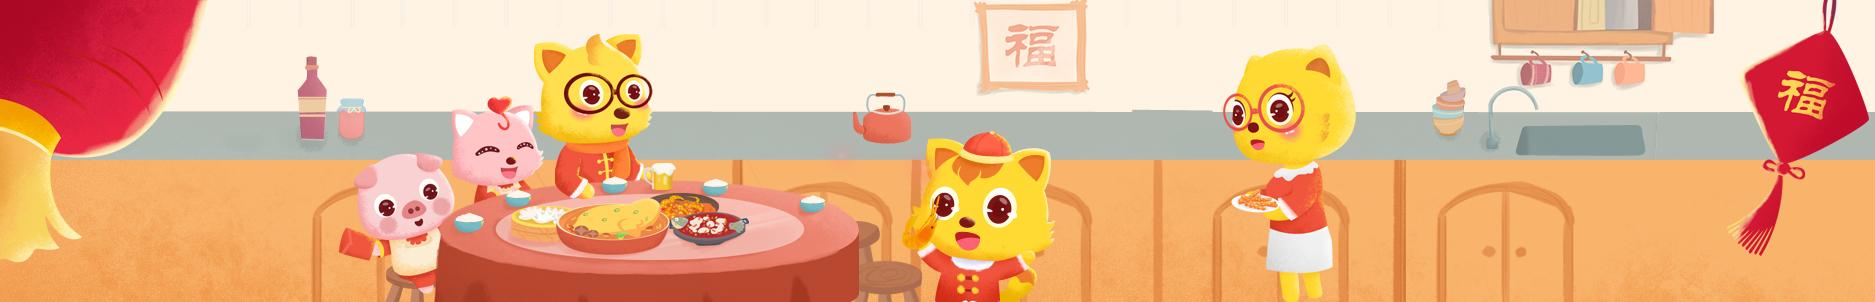 猫小帅儿歌 banner